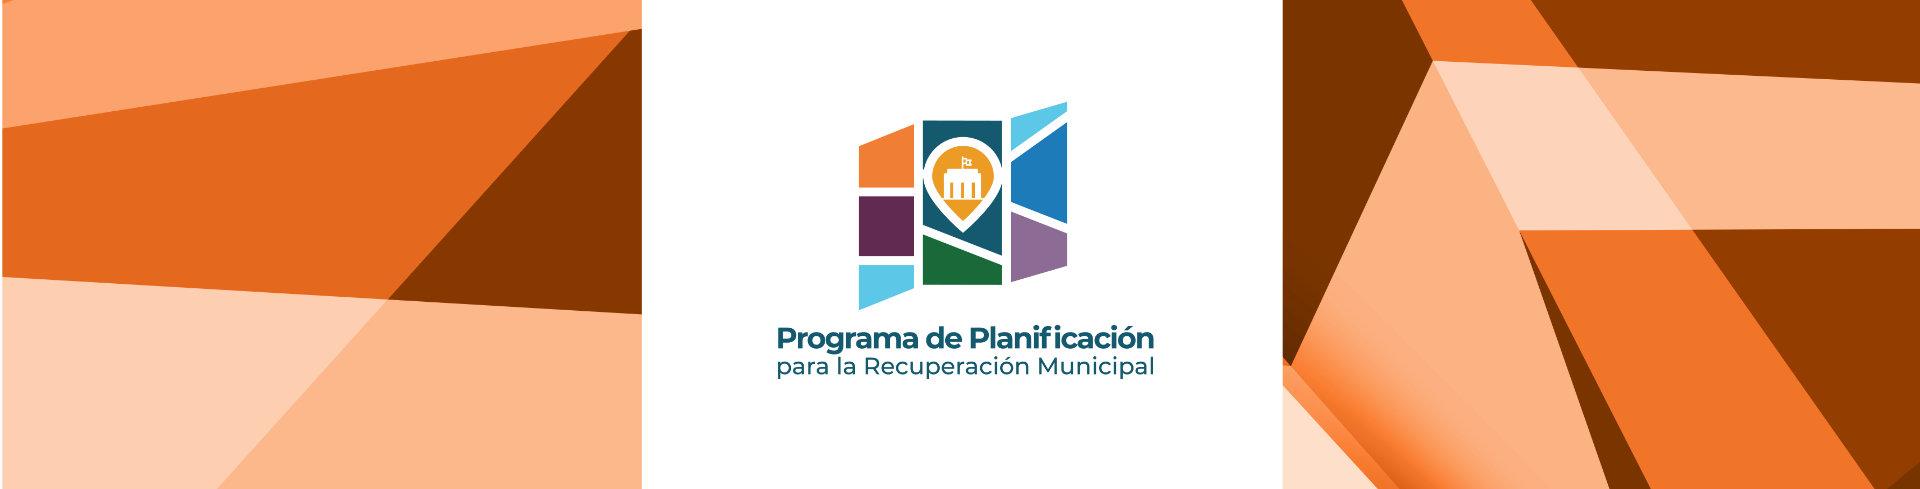 Programa de Recuperación Municipal